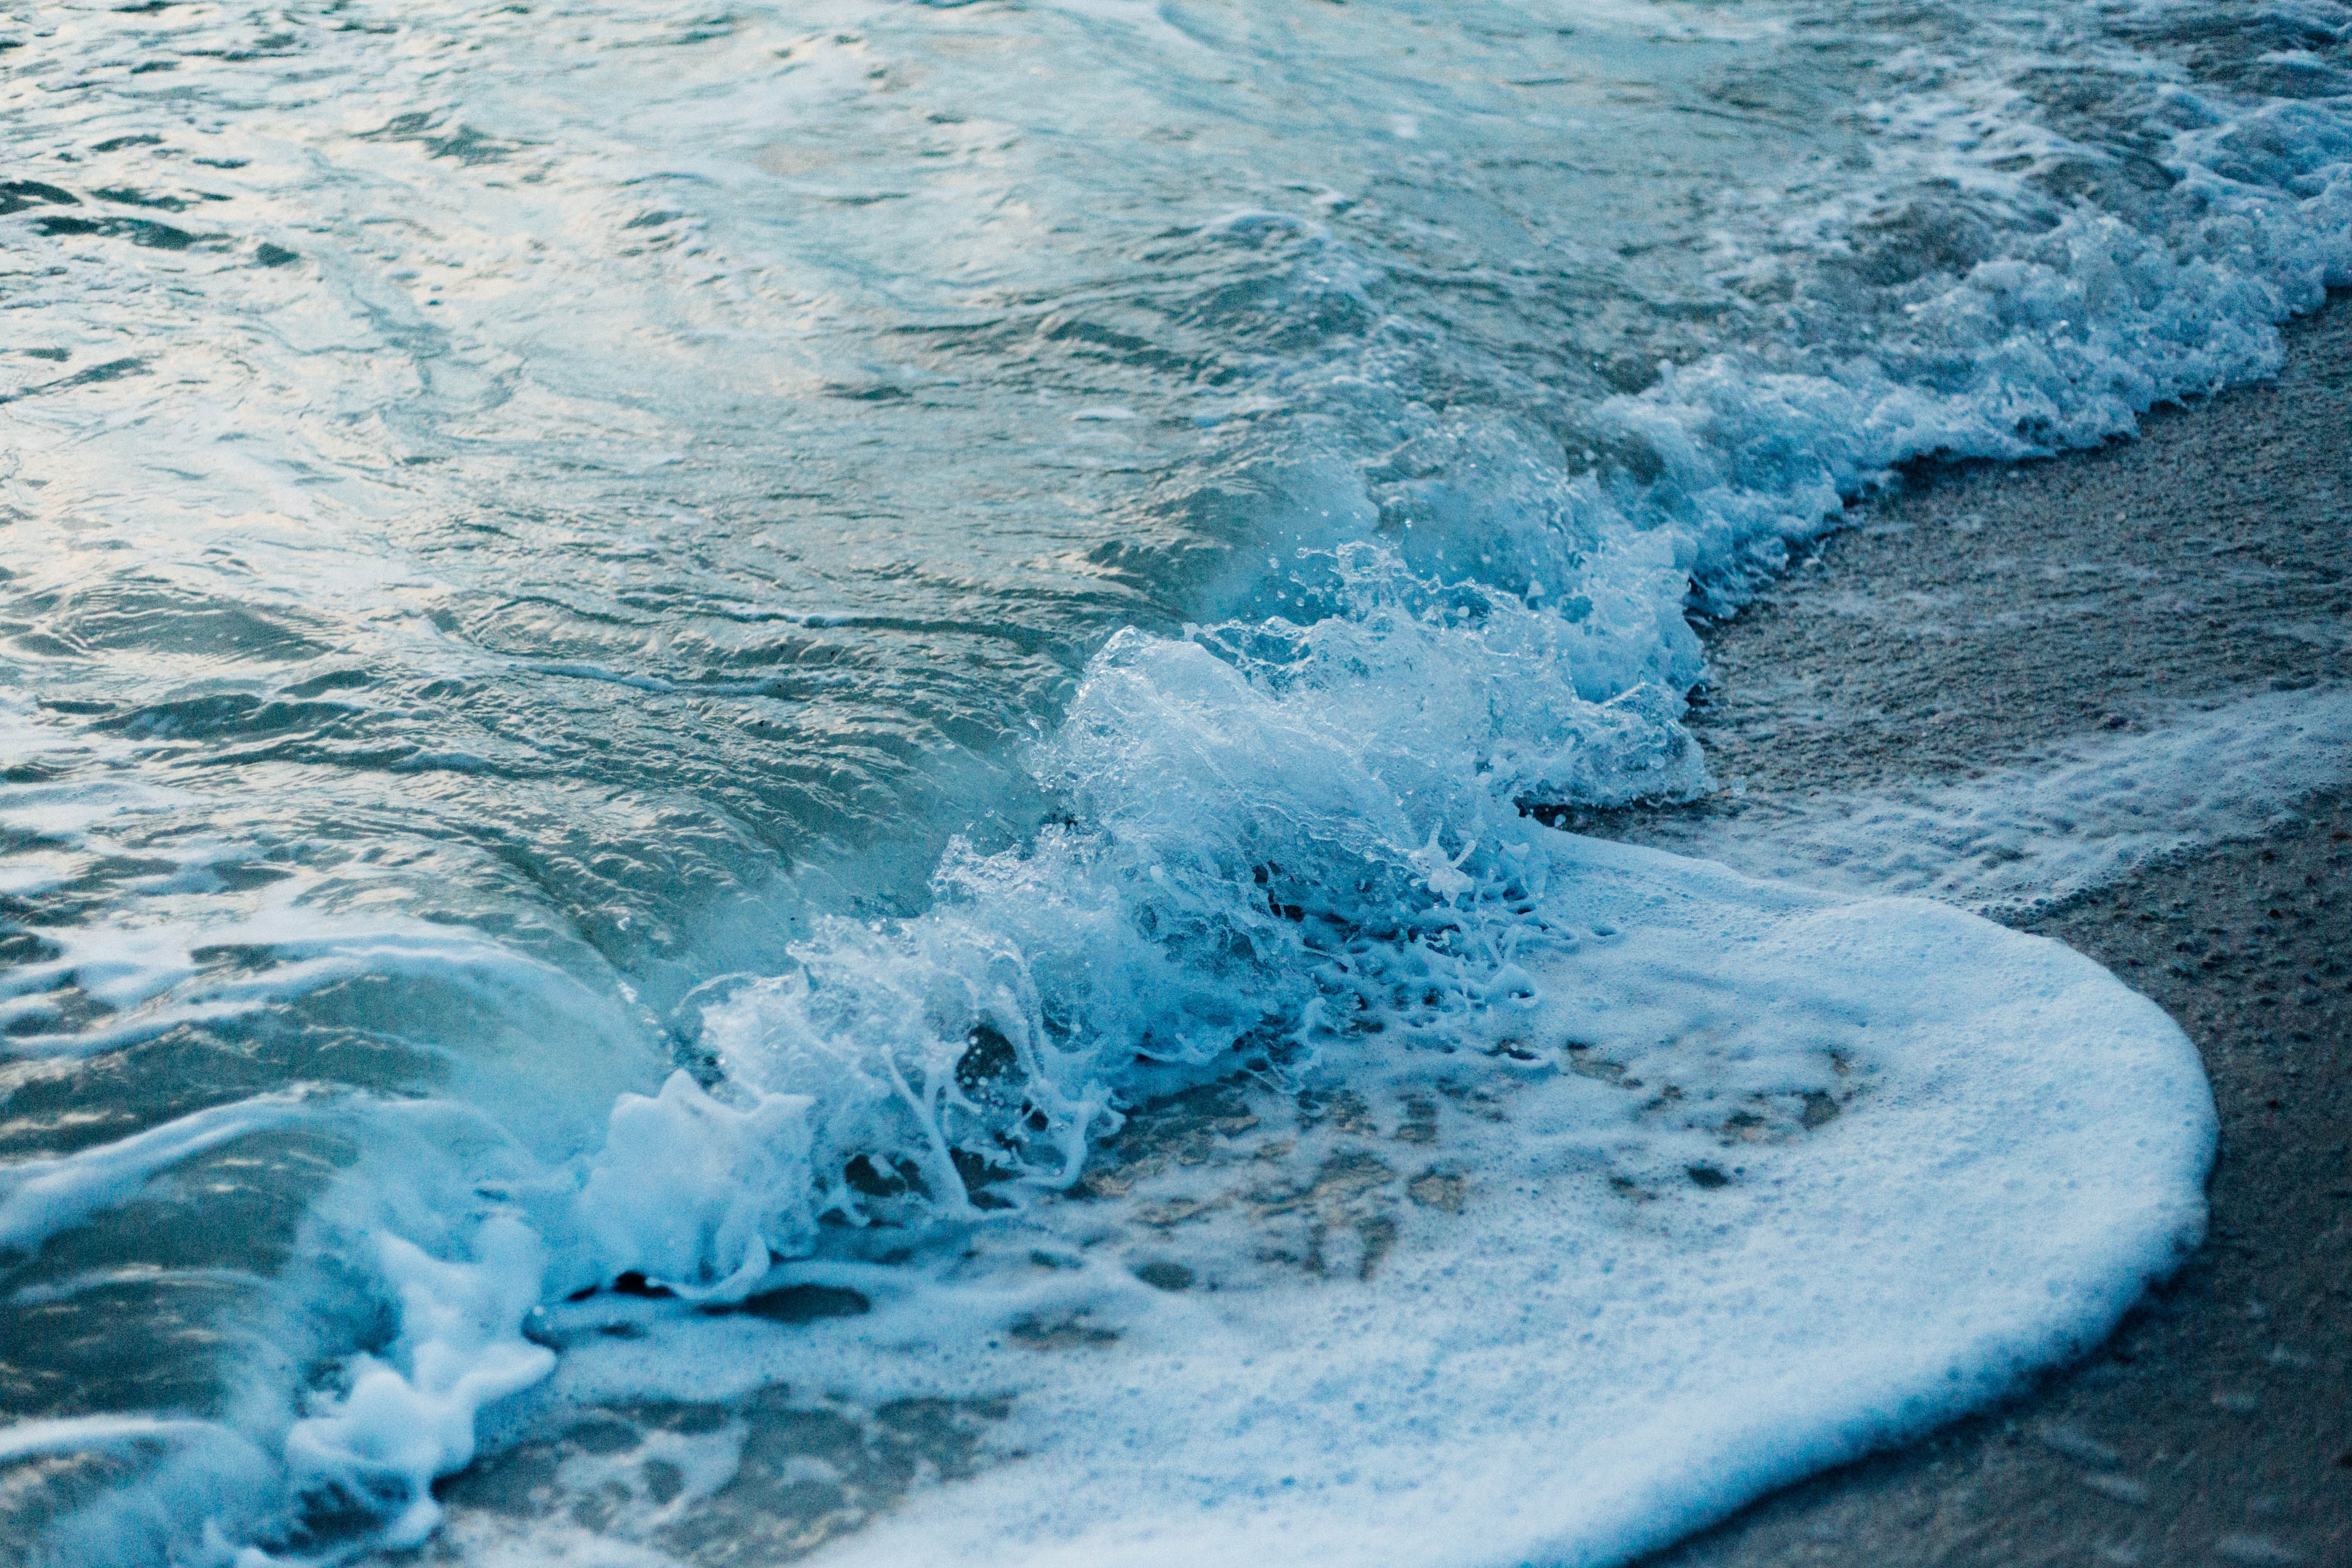 Δωρεάν στοκ φωτογραφιών με άμμος, αφρός της θάλασσας, βουτιά, γαλήνιος